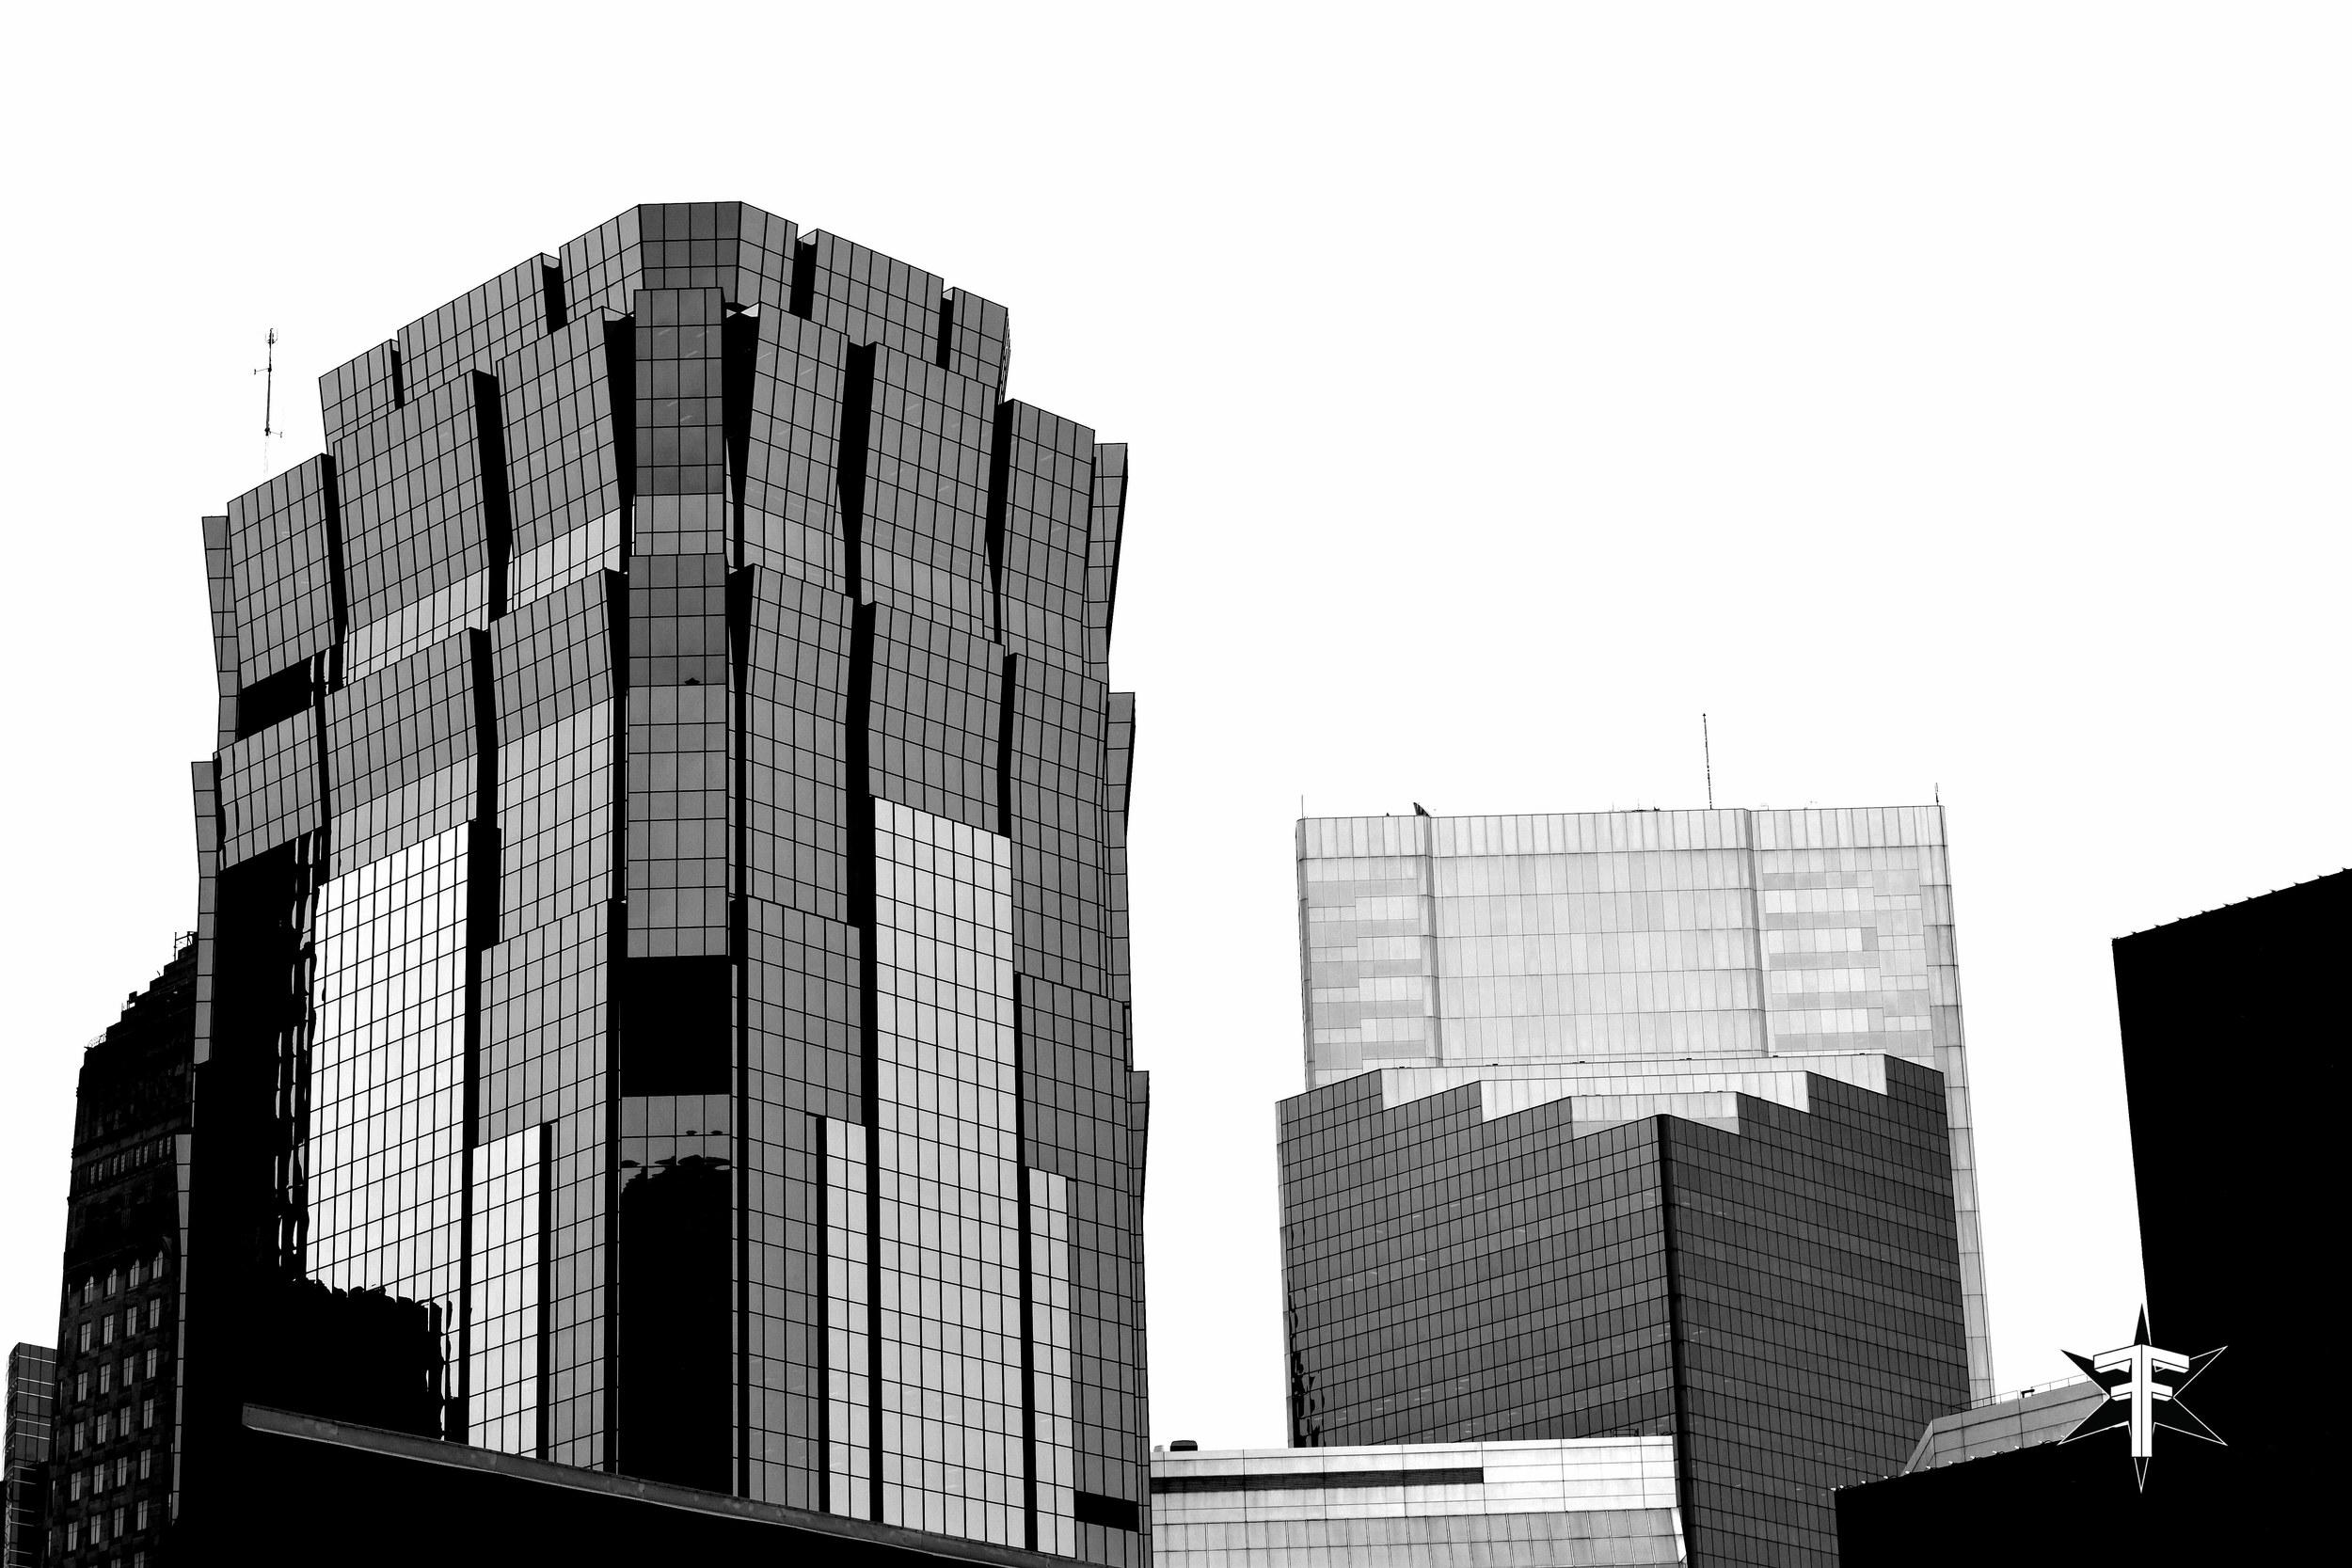 chicago architecture eric formato photography design arquitectura architettura buildings skyscraper skyscrapers-165.jpg